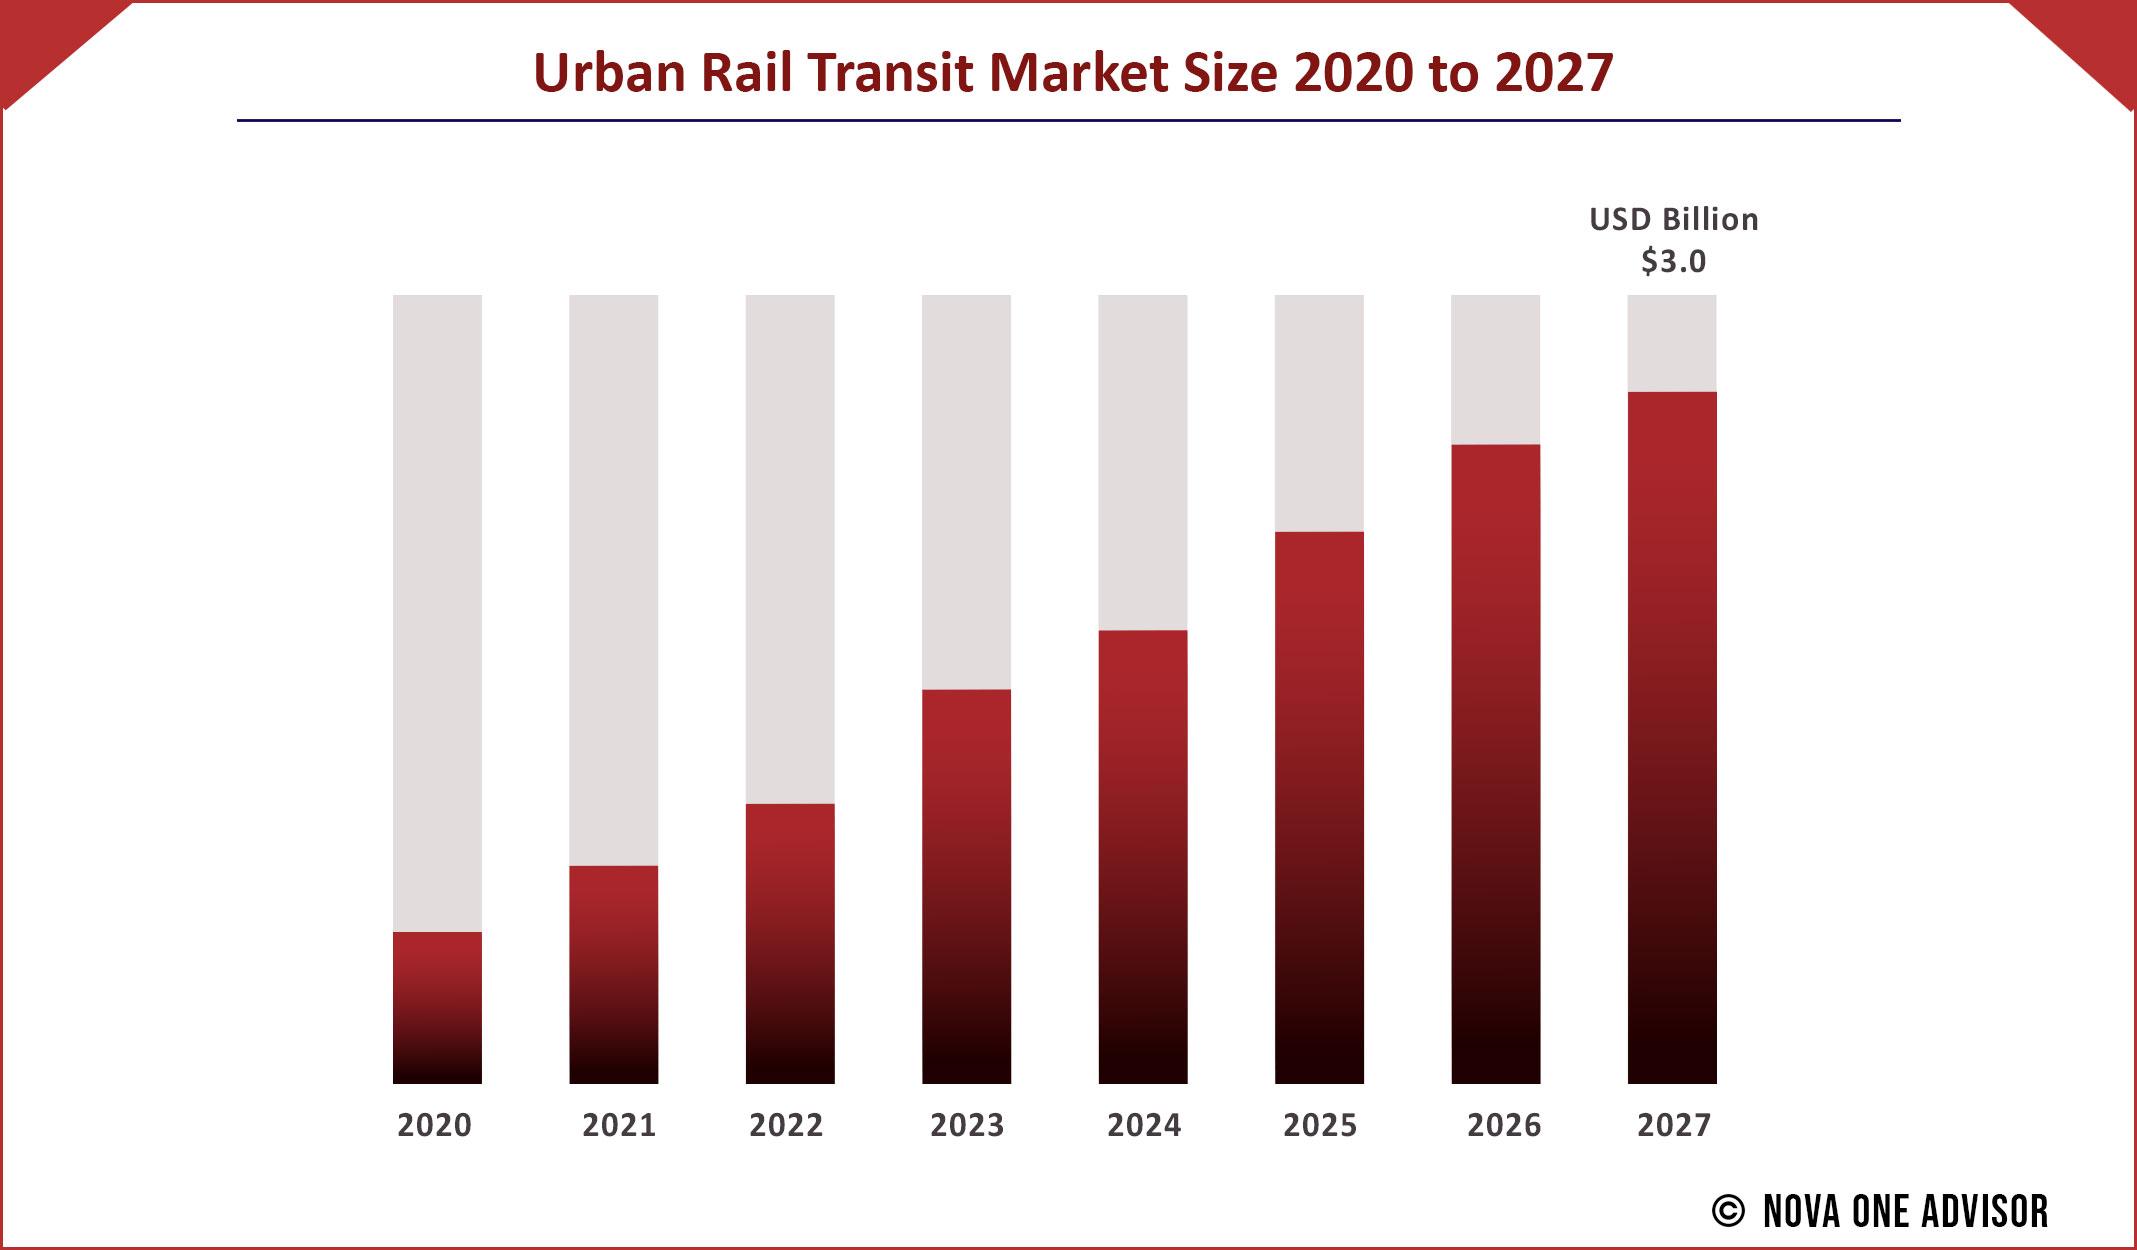 Urban Rail Transit Market Size 2020 to 2027